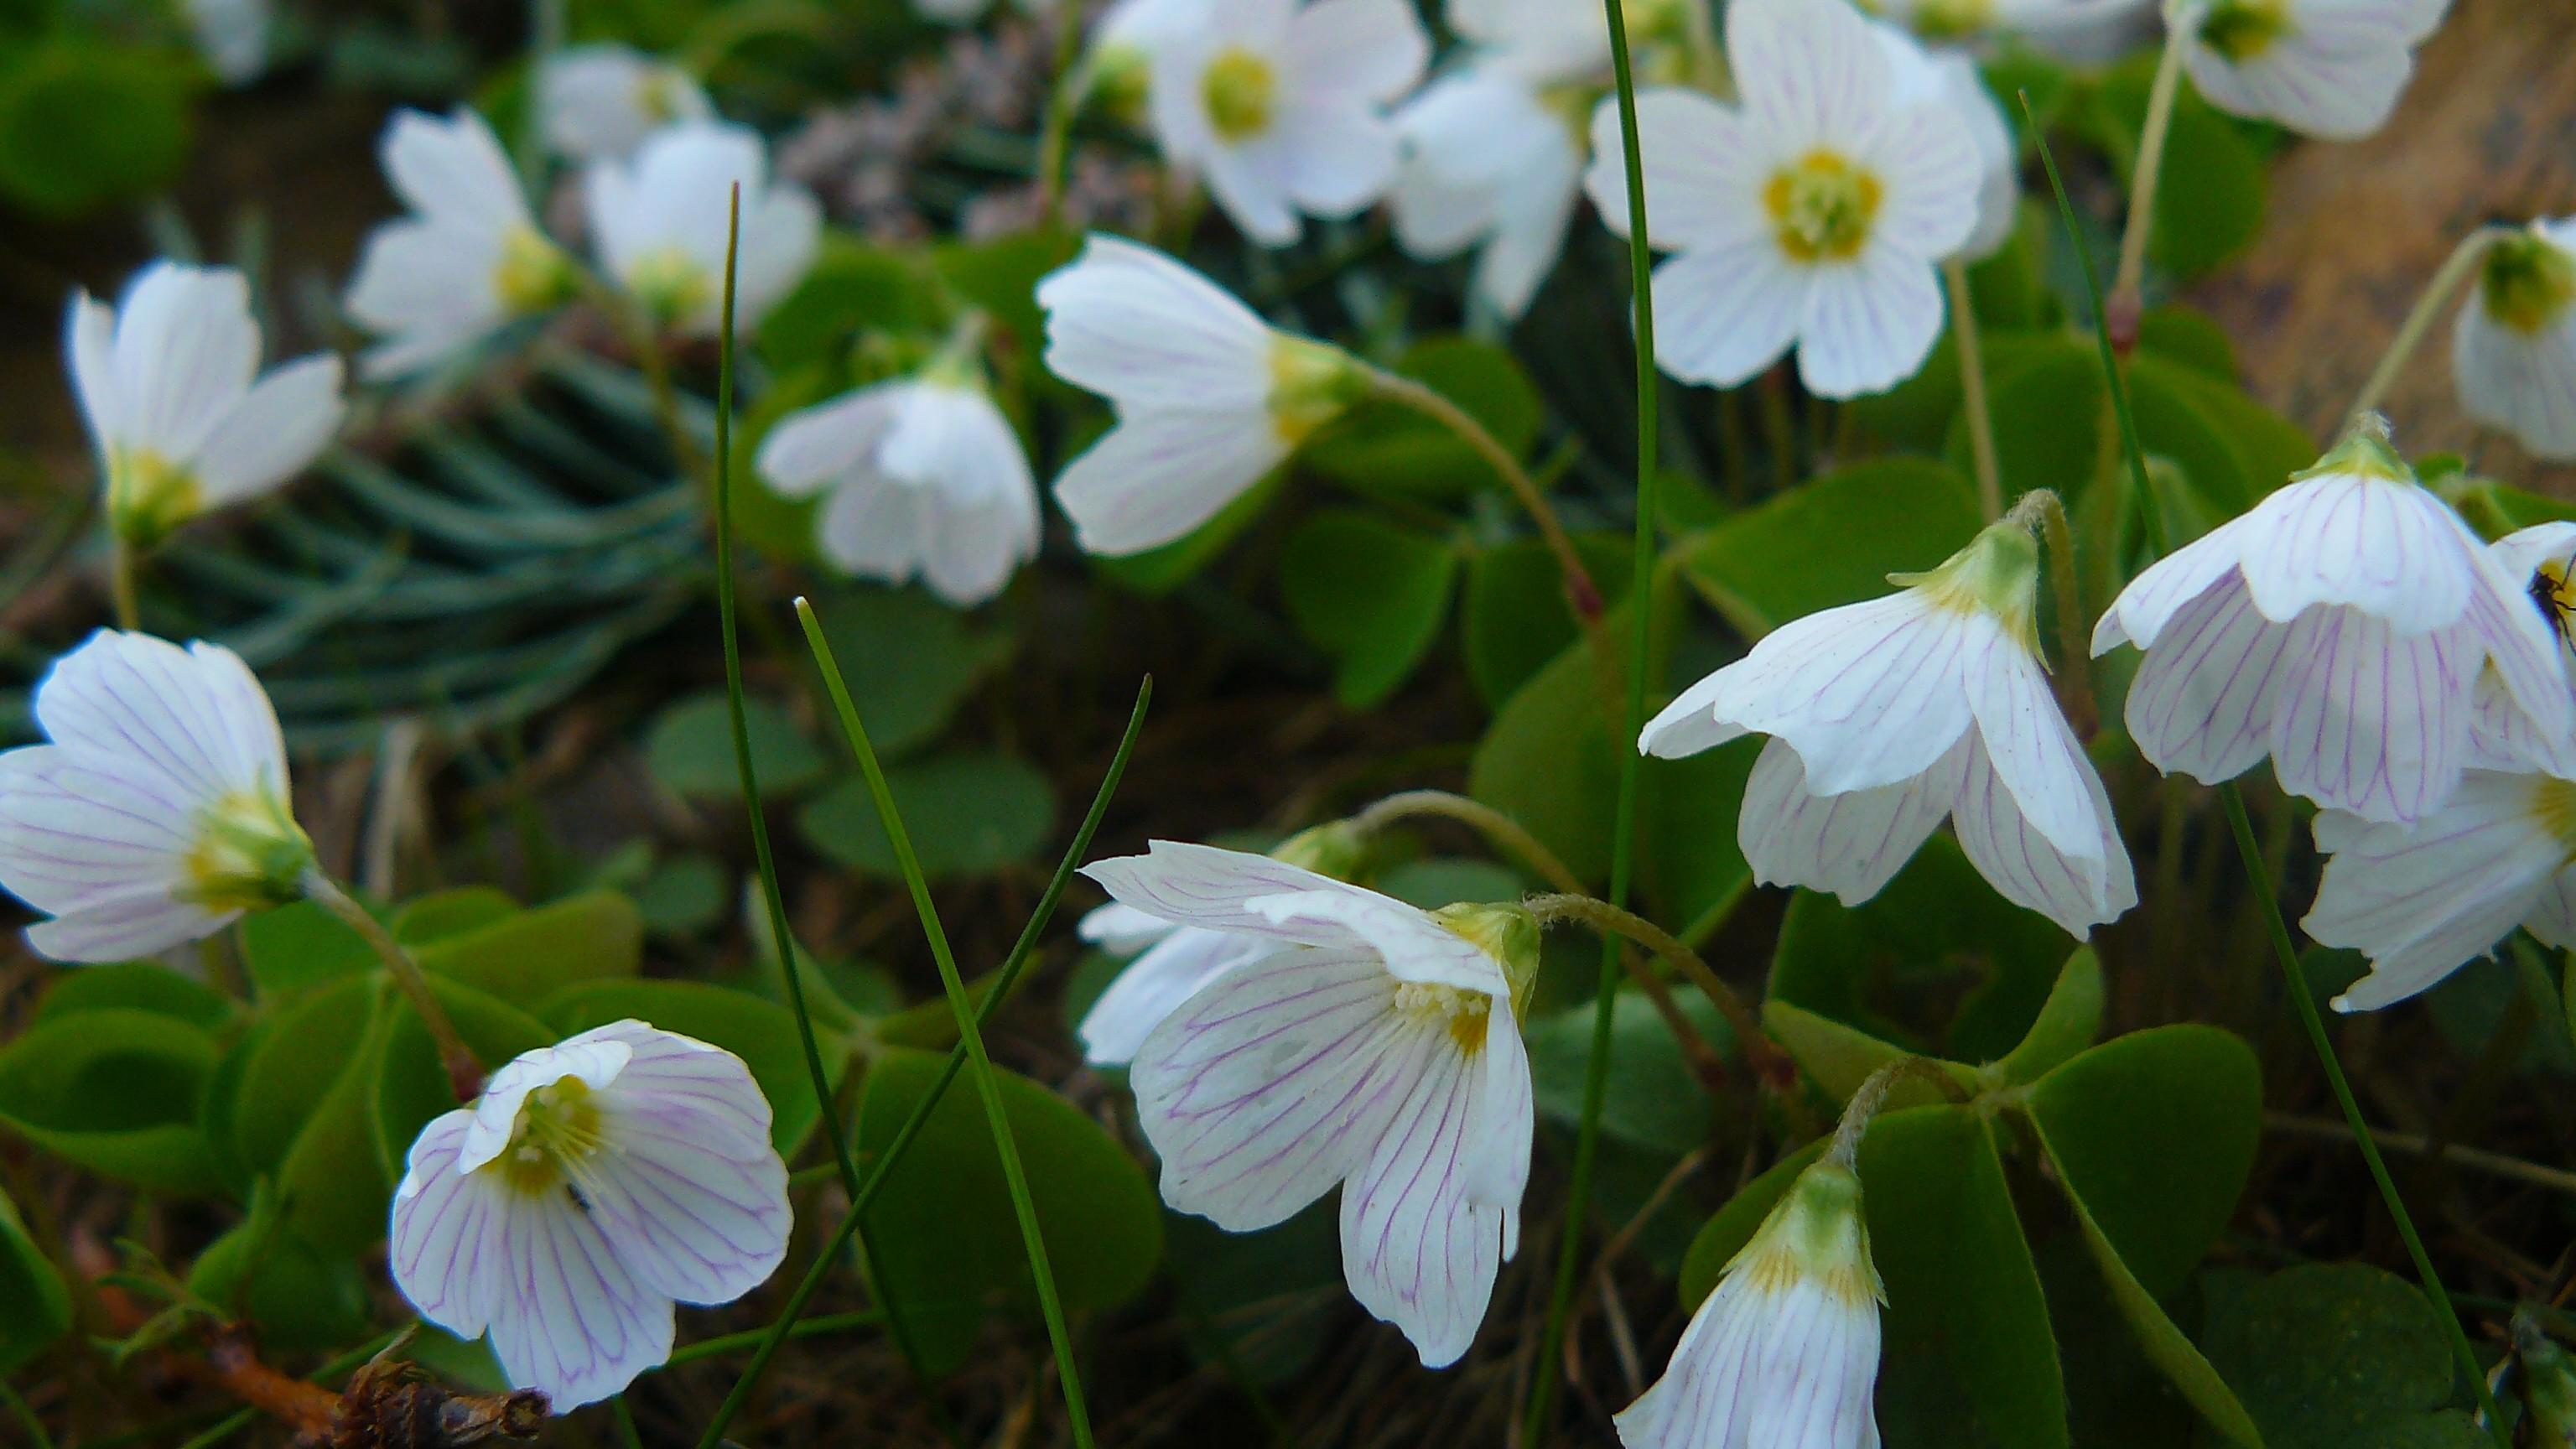 Fondos De Pantalla Jardin Naturaleza Verde Flores Blancas